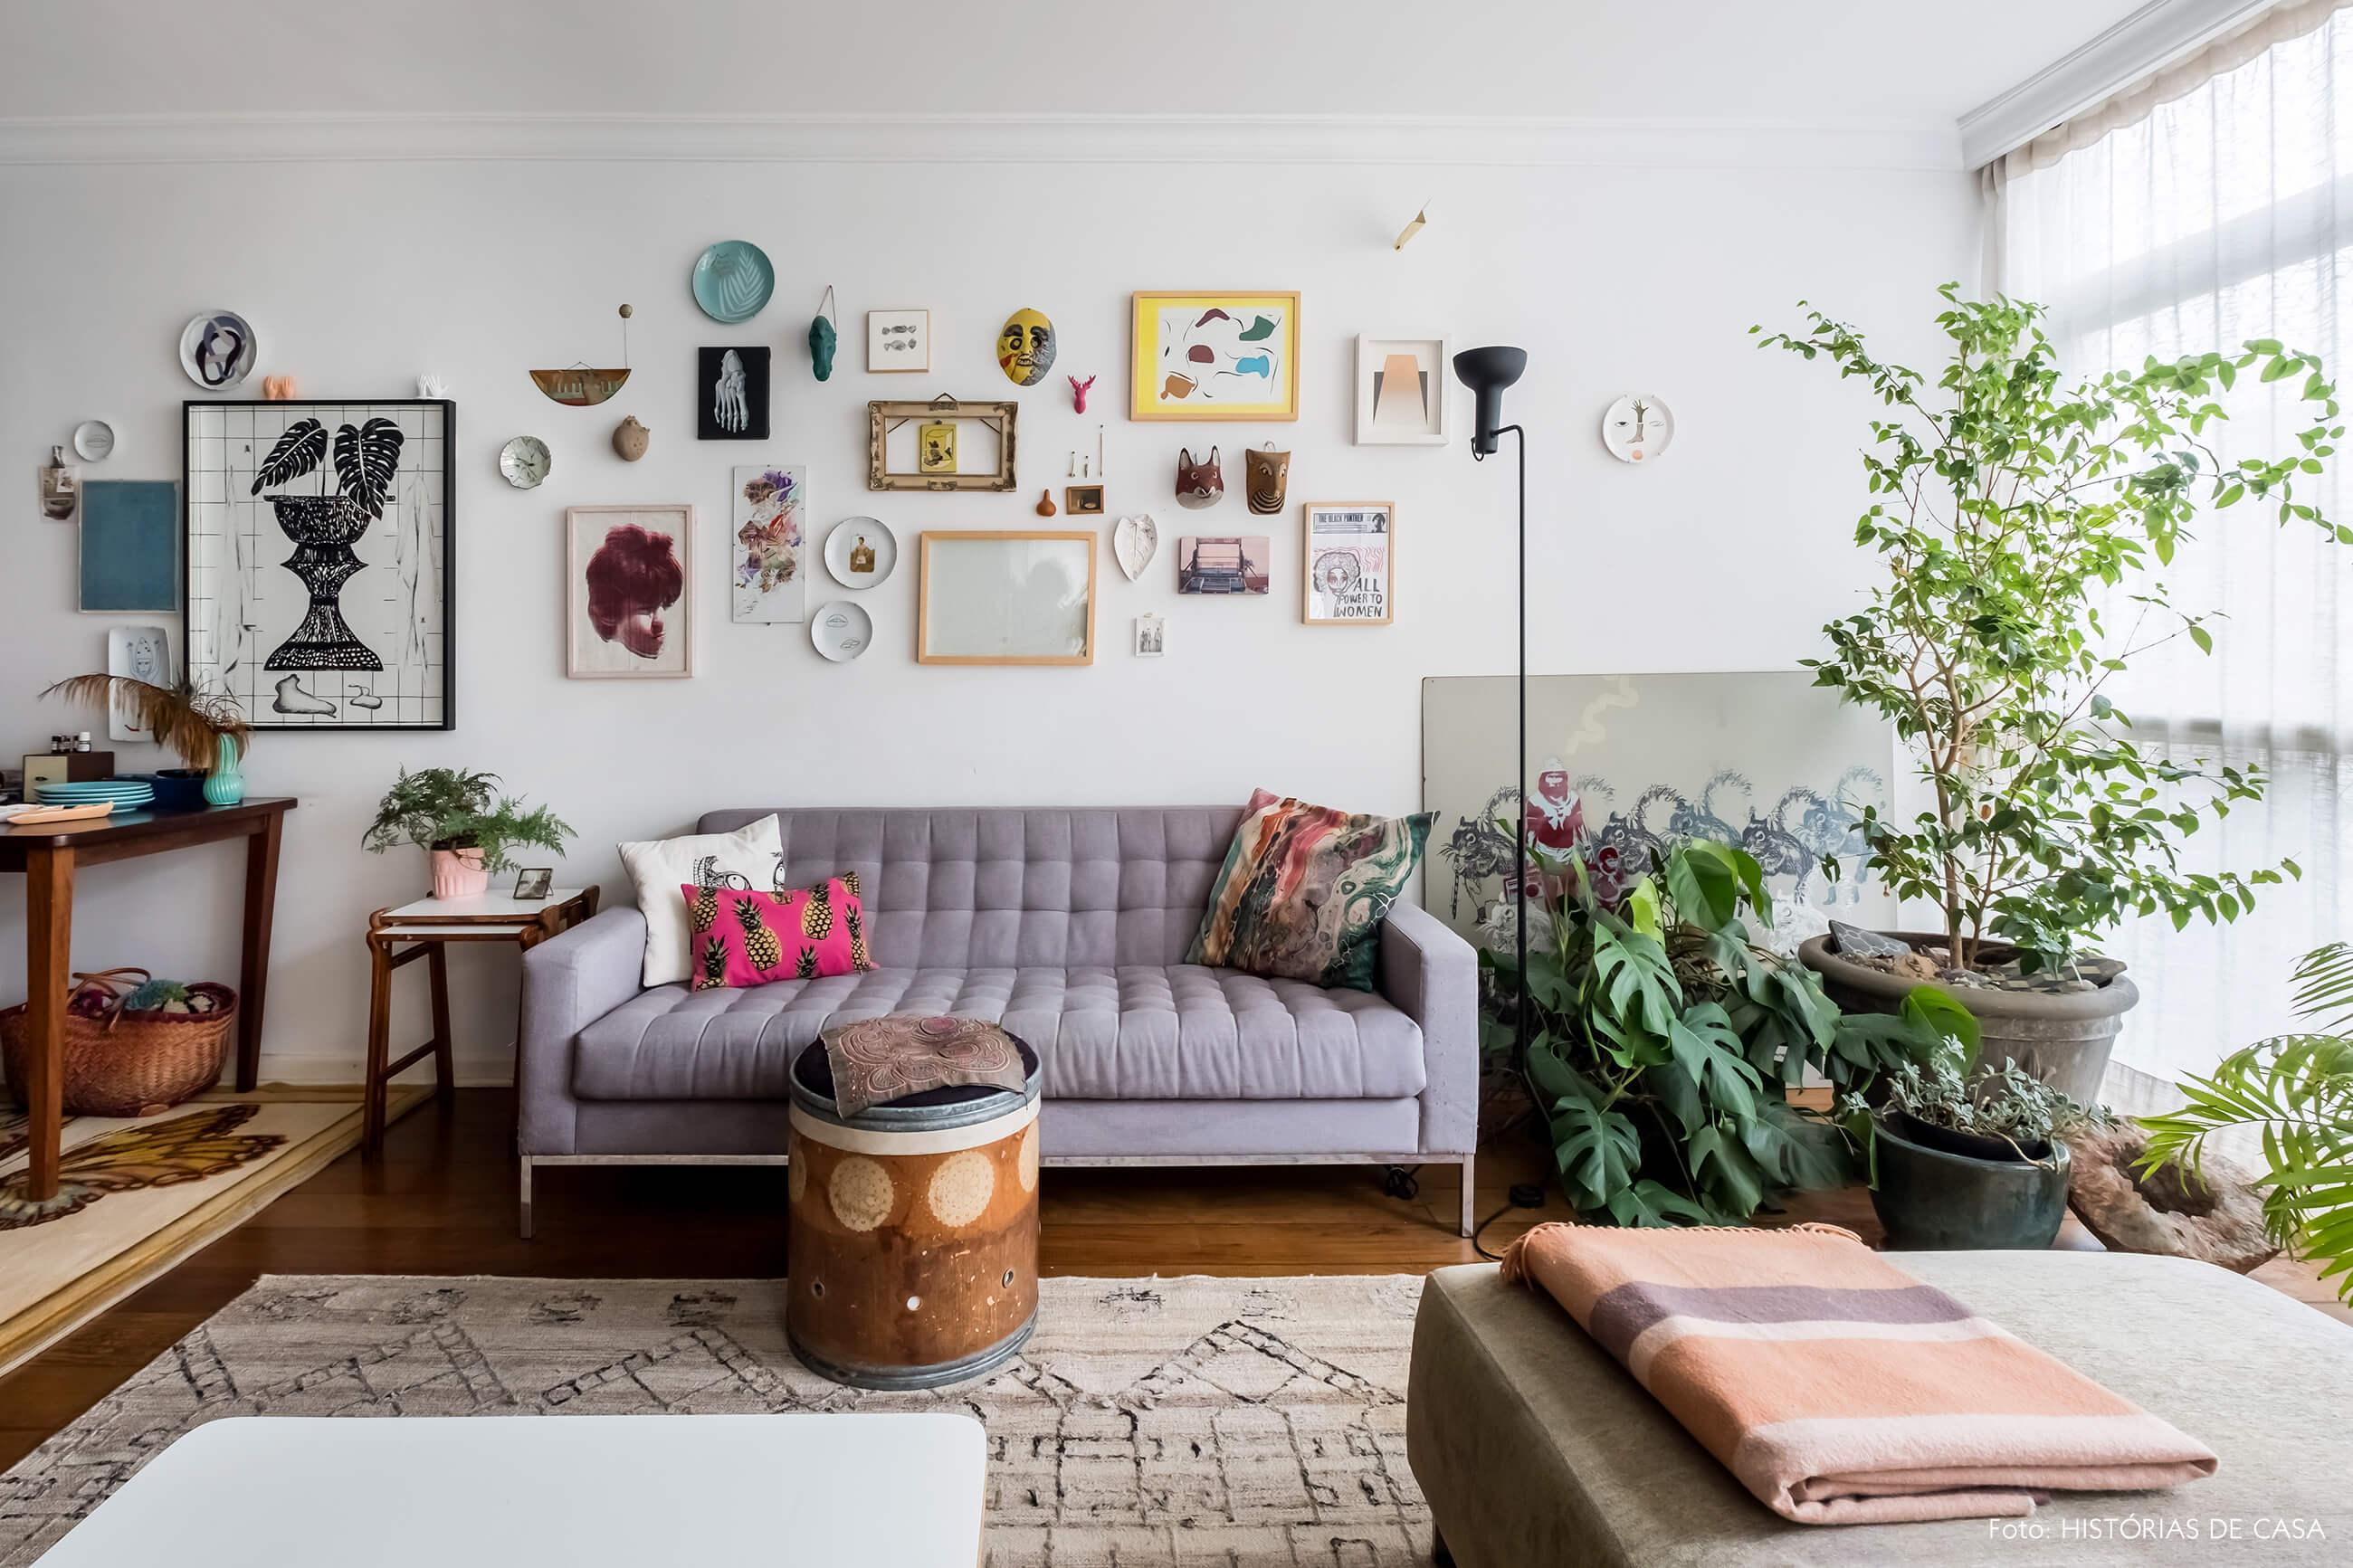 Apartamento integrado, sala com sofá cinza e plantas